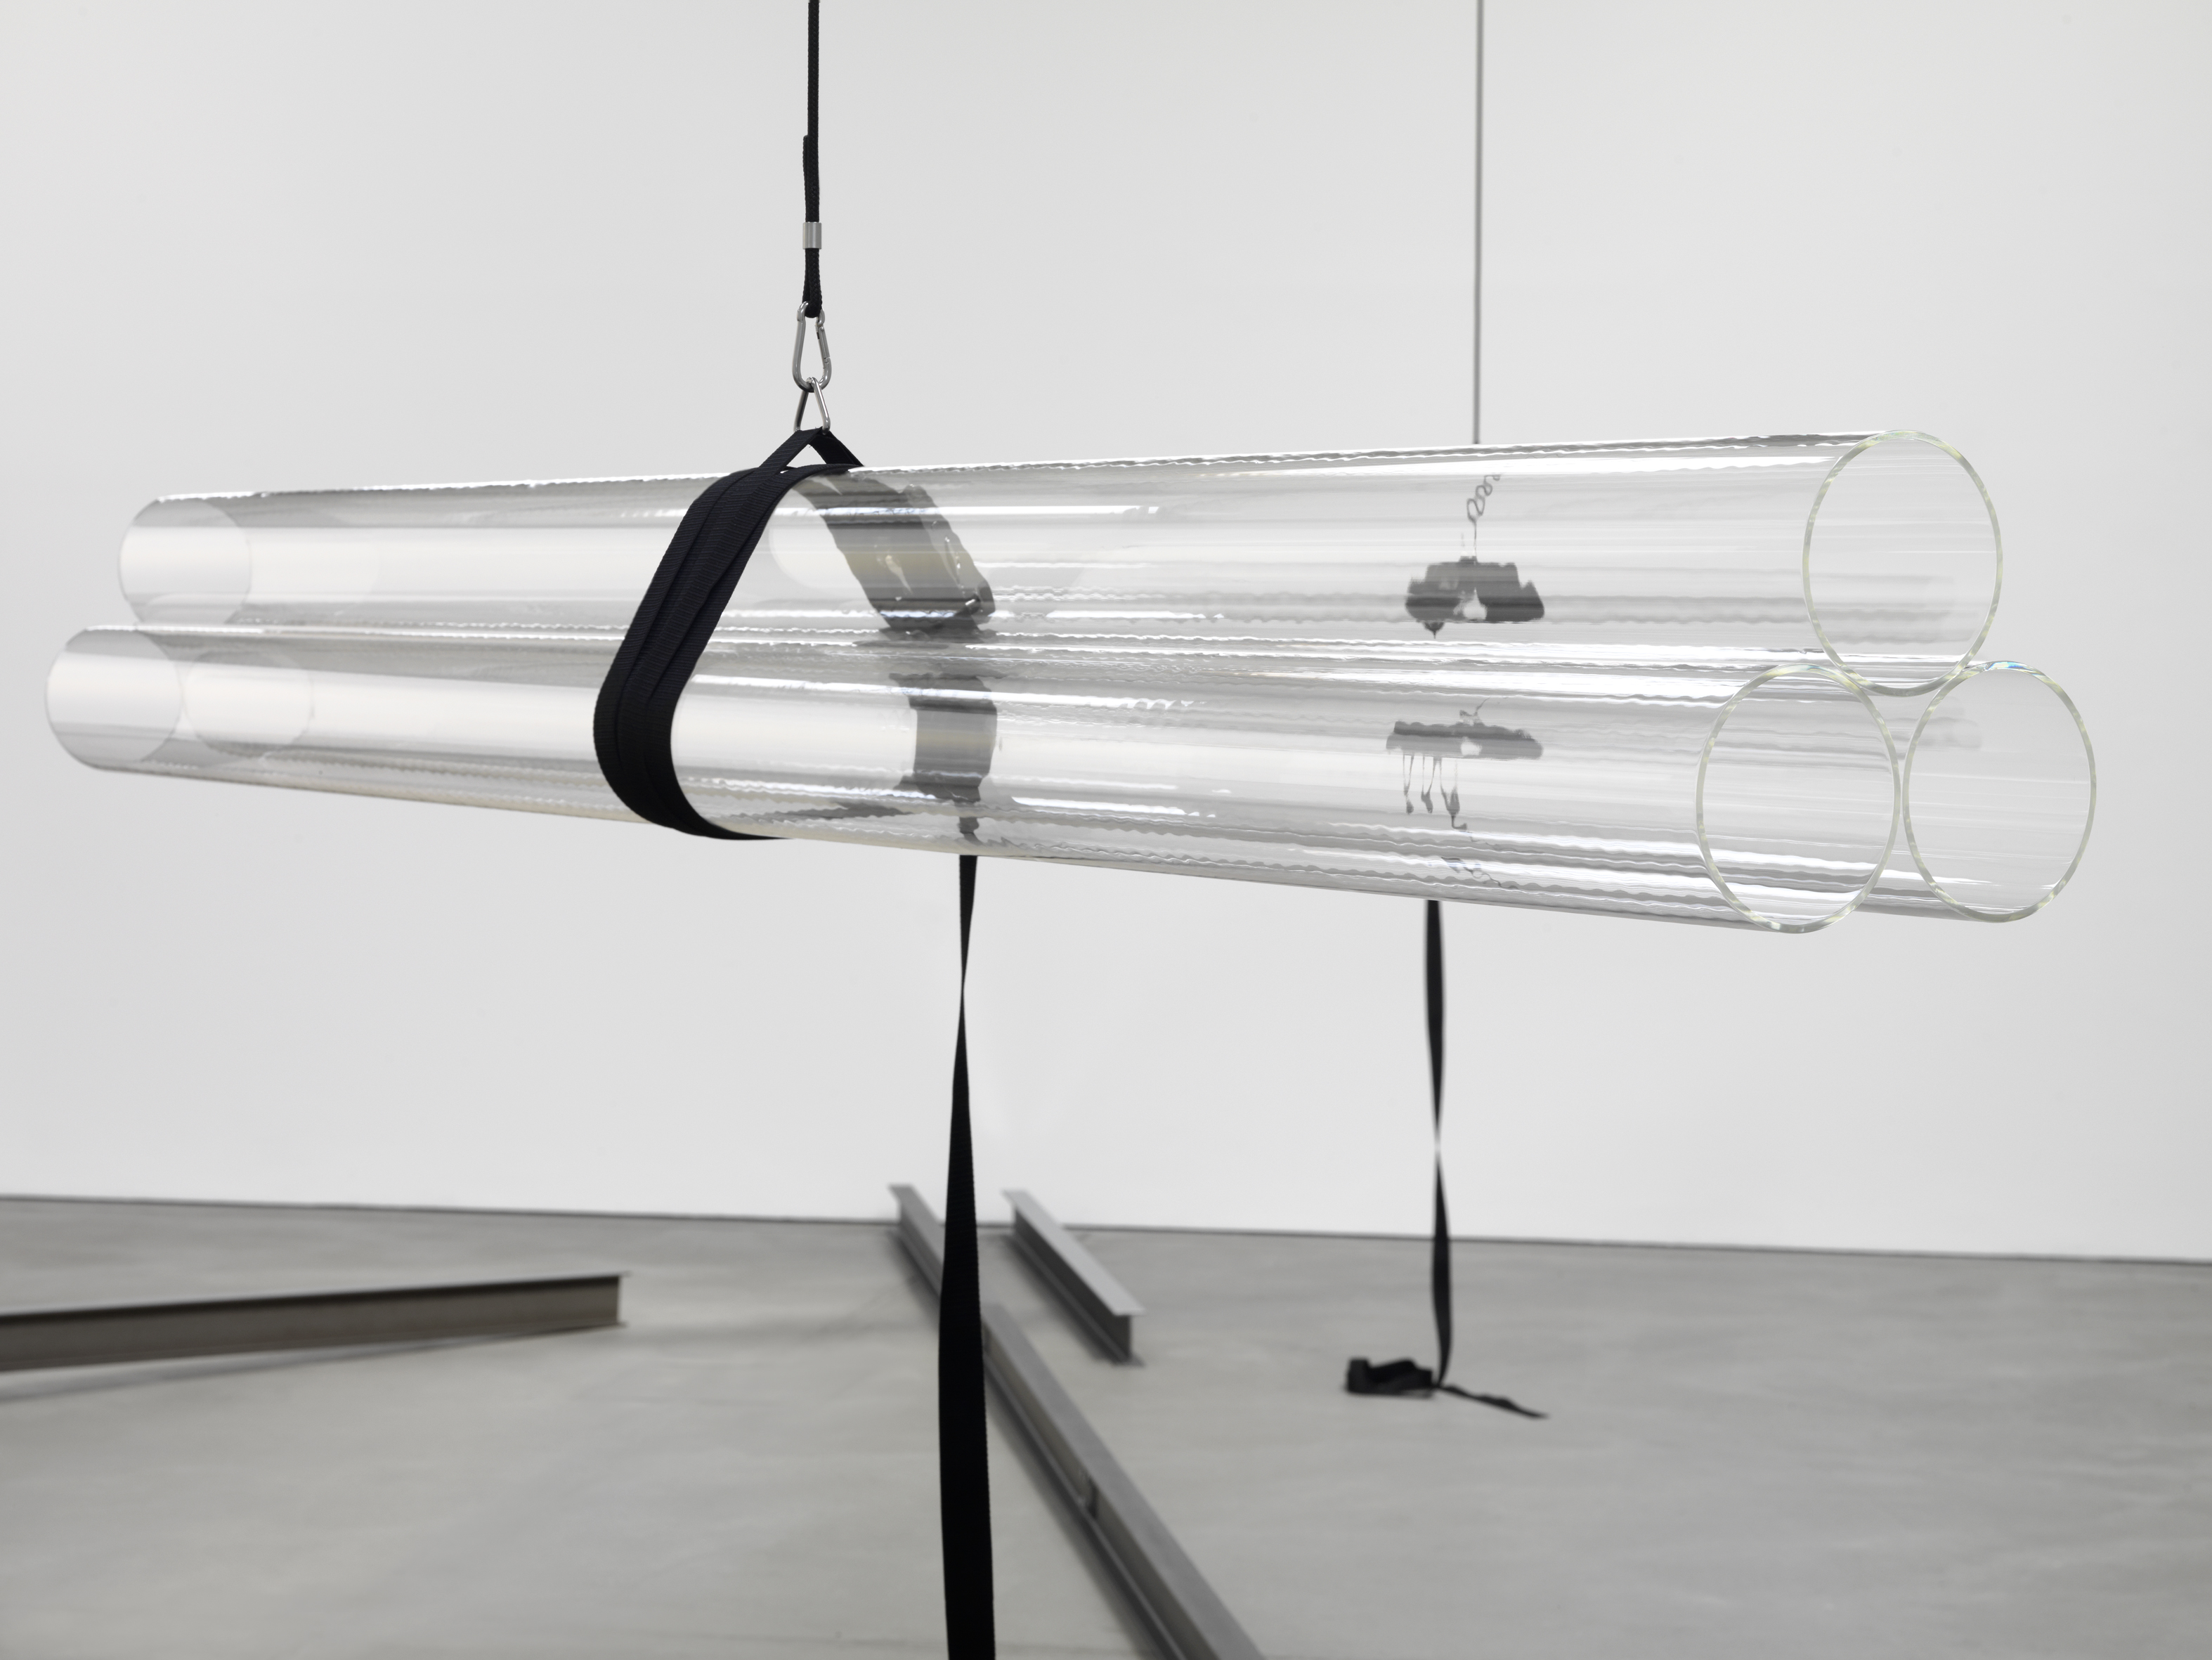 Natalia Stachon, Dryf 03, 2012